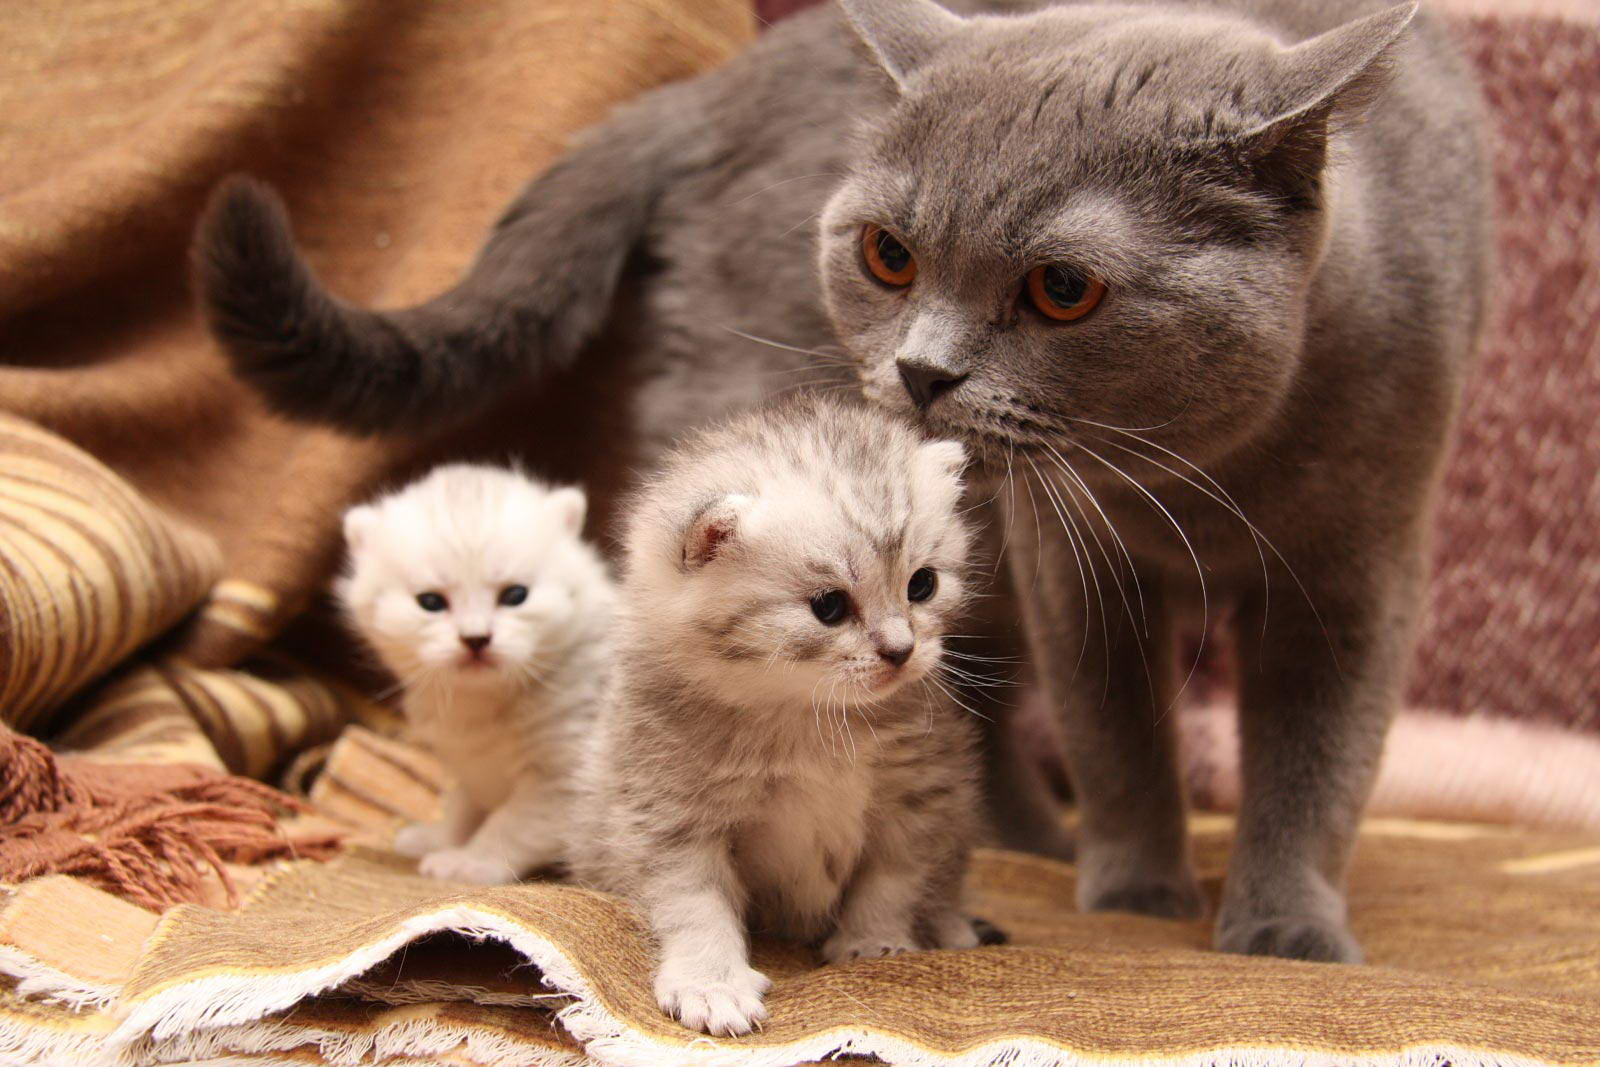 Кошка с котятами Фото кошек №2091 - SunRay